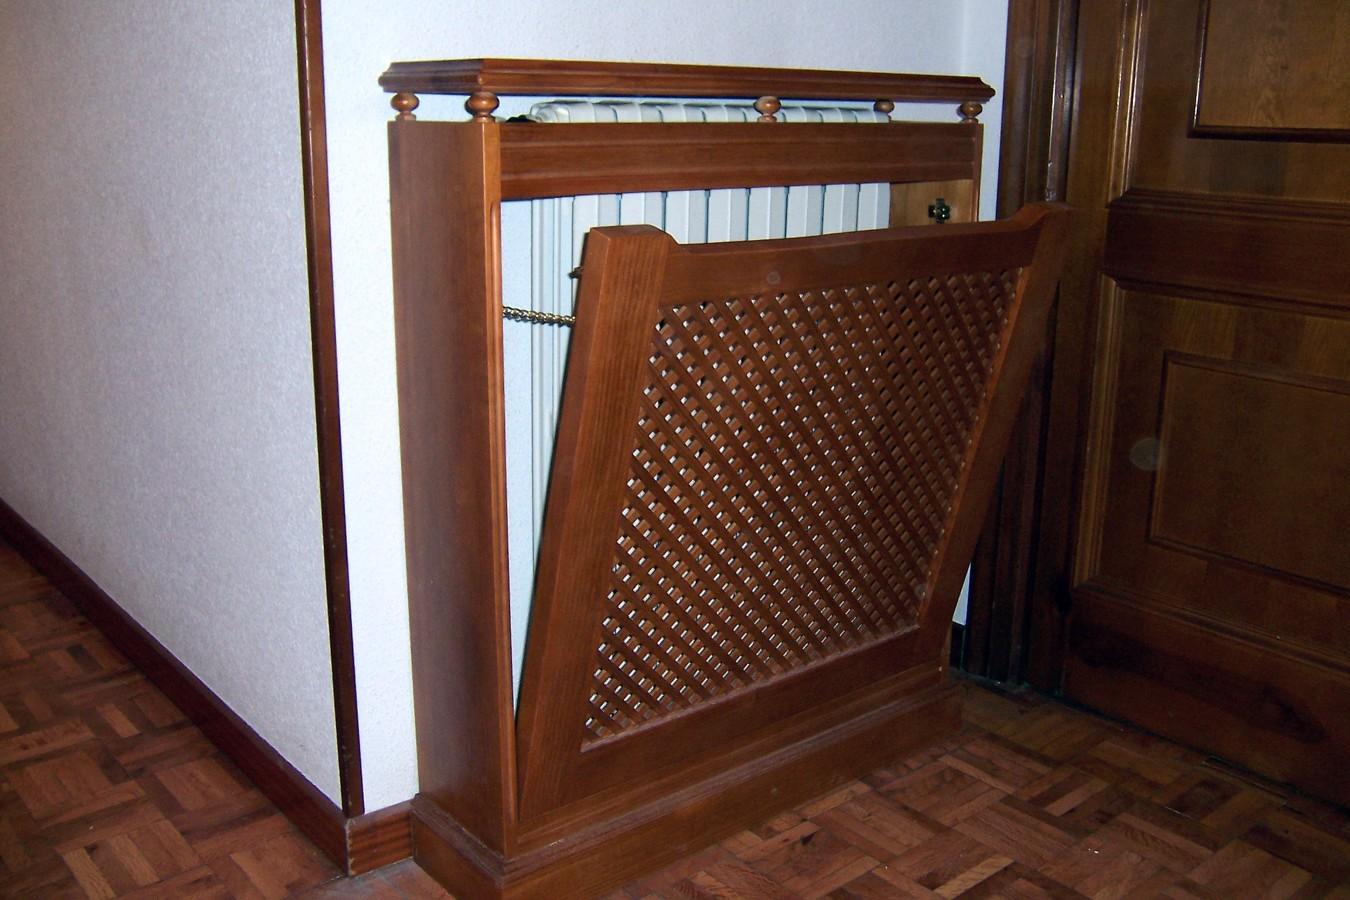 Foto cubre radiador con frente de celos a de la alacena - Muebles para cubrir radiadores ...